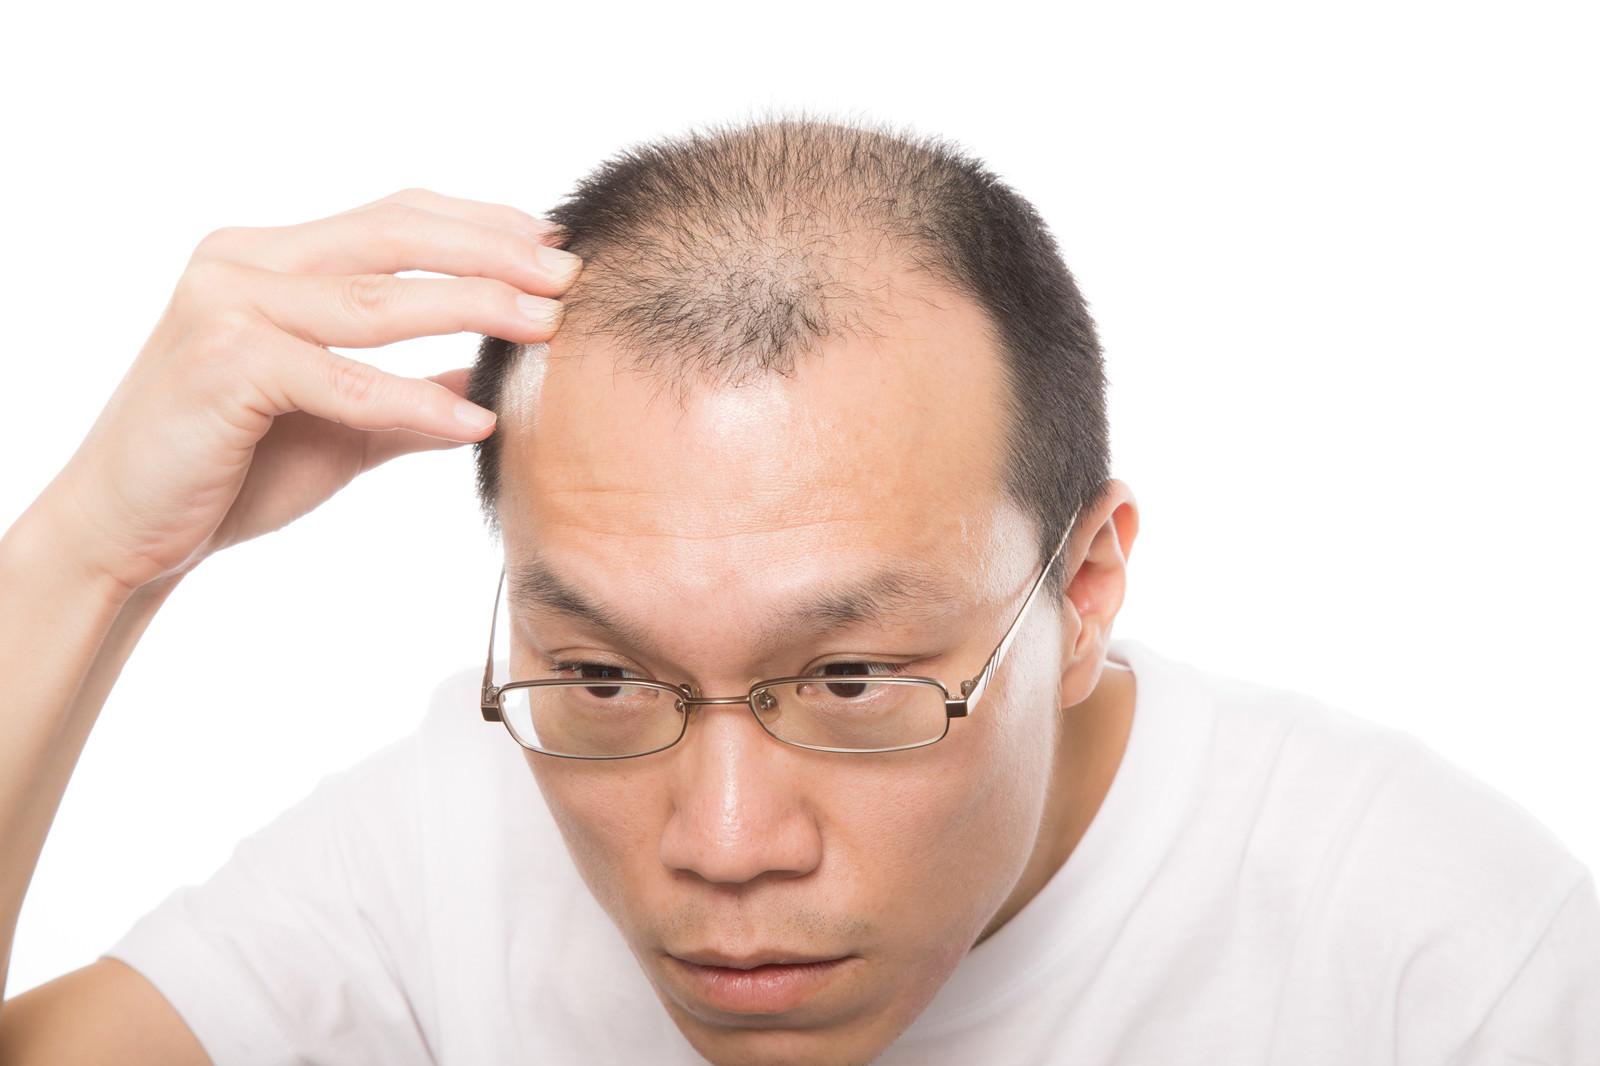 た ストレス 禿げ 急に髪の毛が抜ける円形脱毛症の原因はストレスだけじゃない!